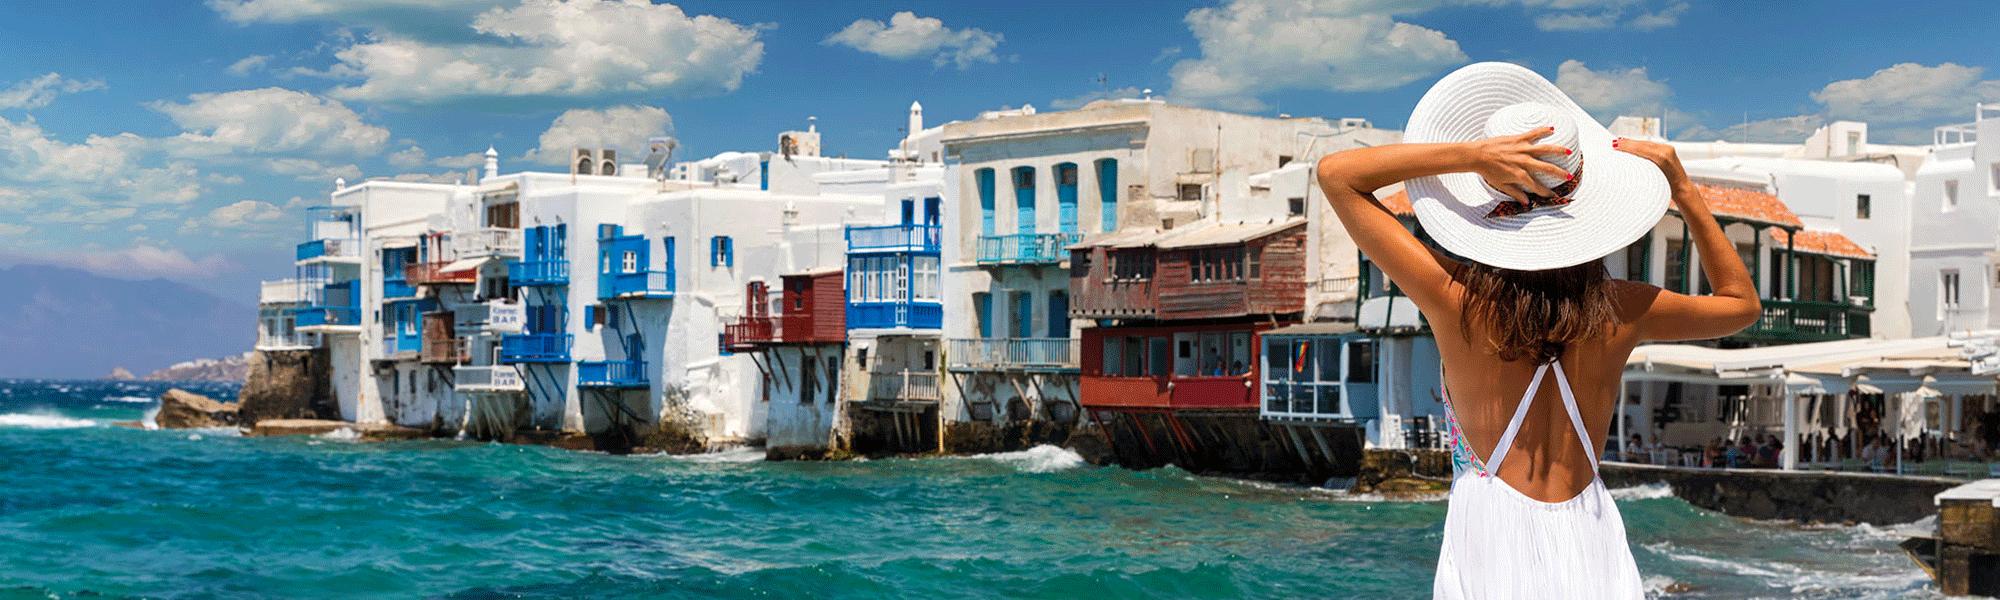 Week end luxe Mykonos